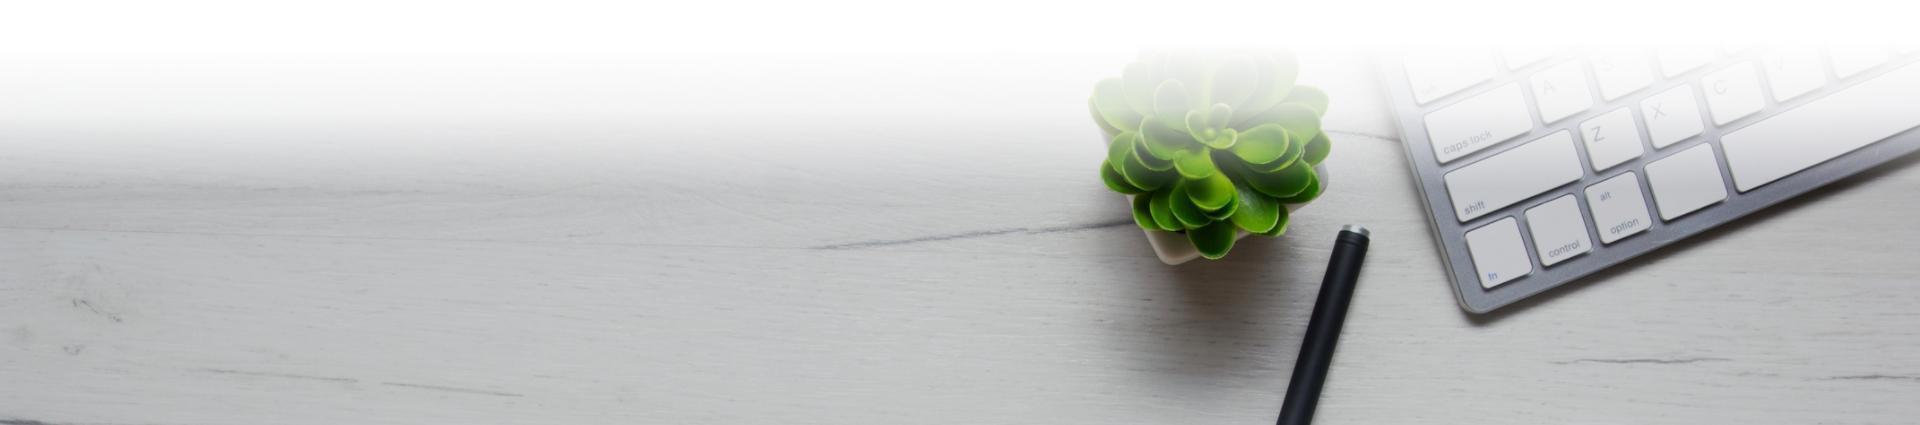 Mała roślinka obok klawiatury